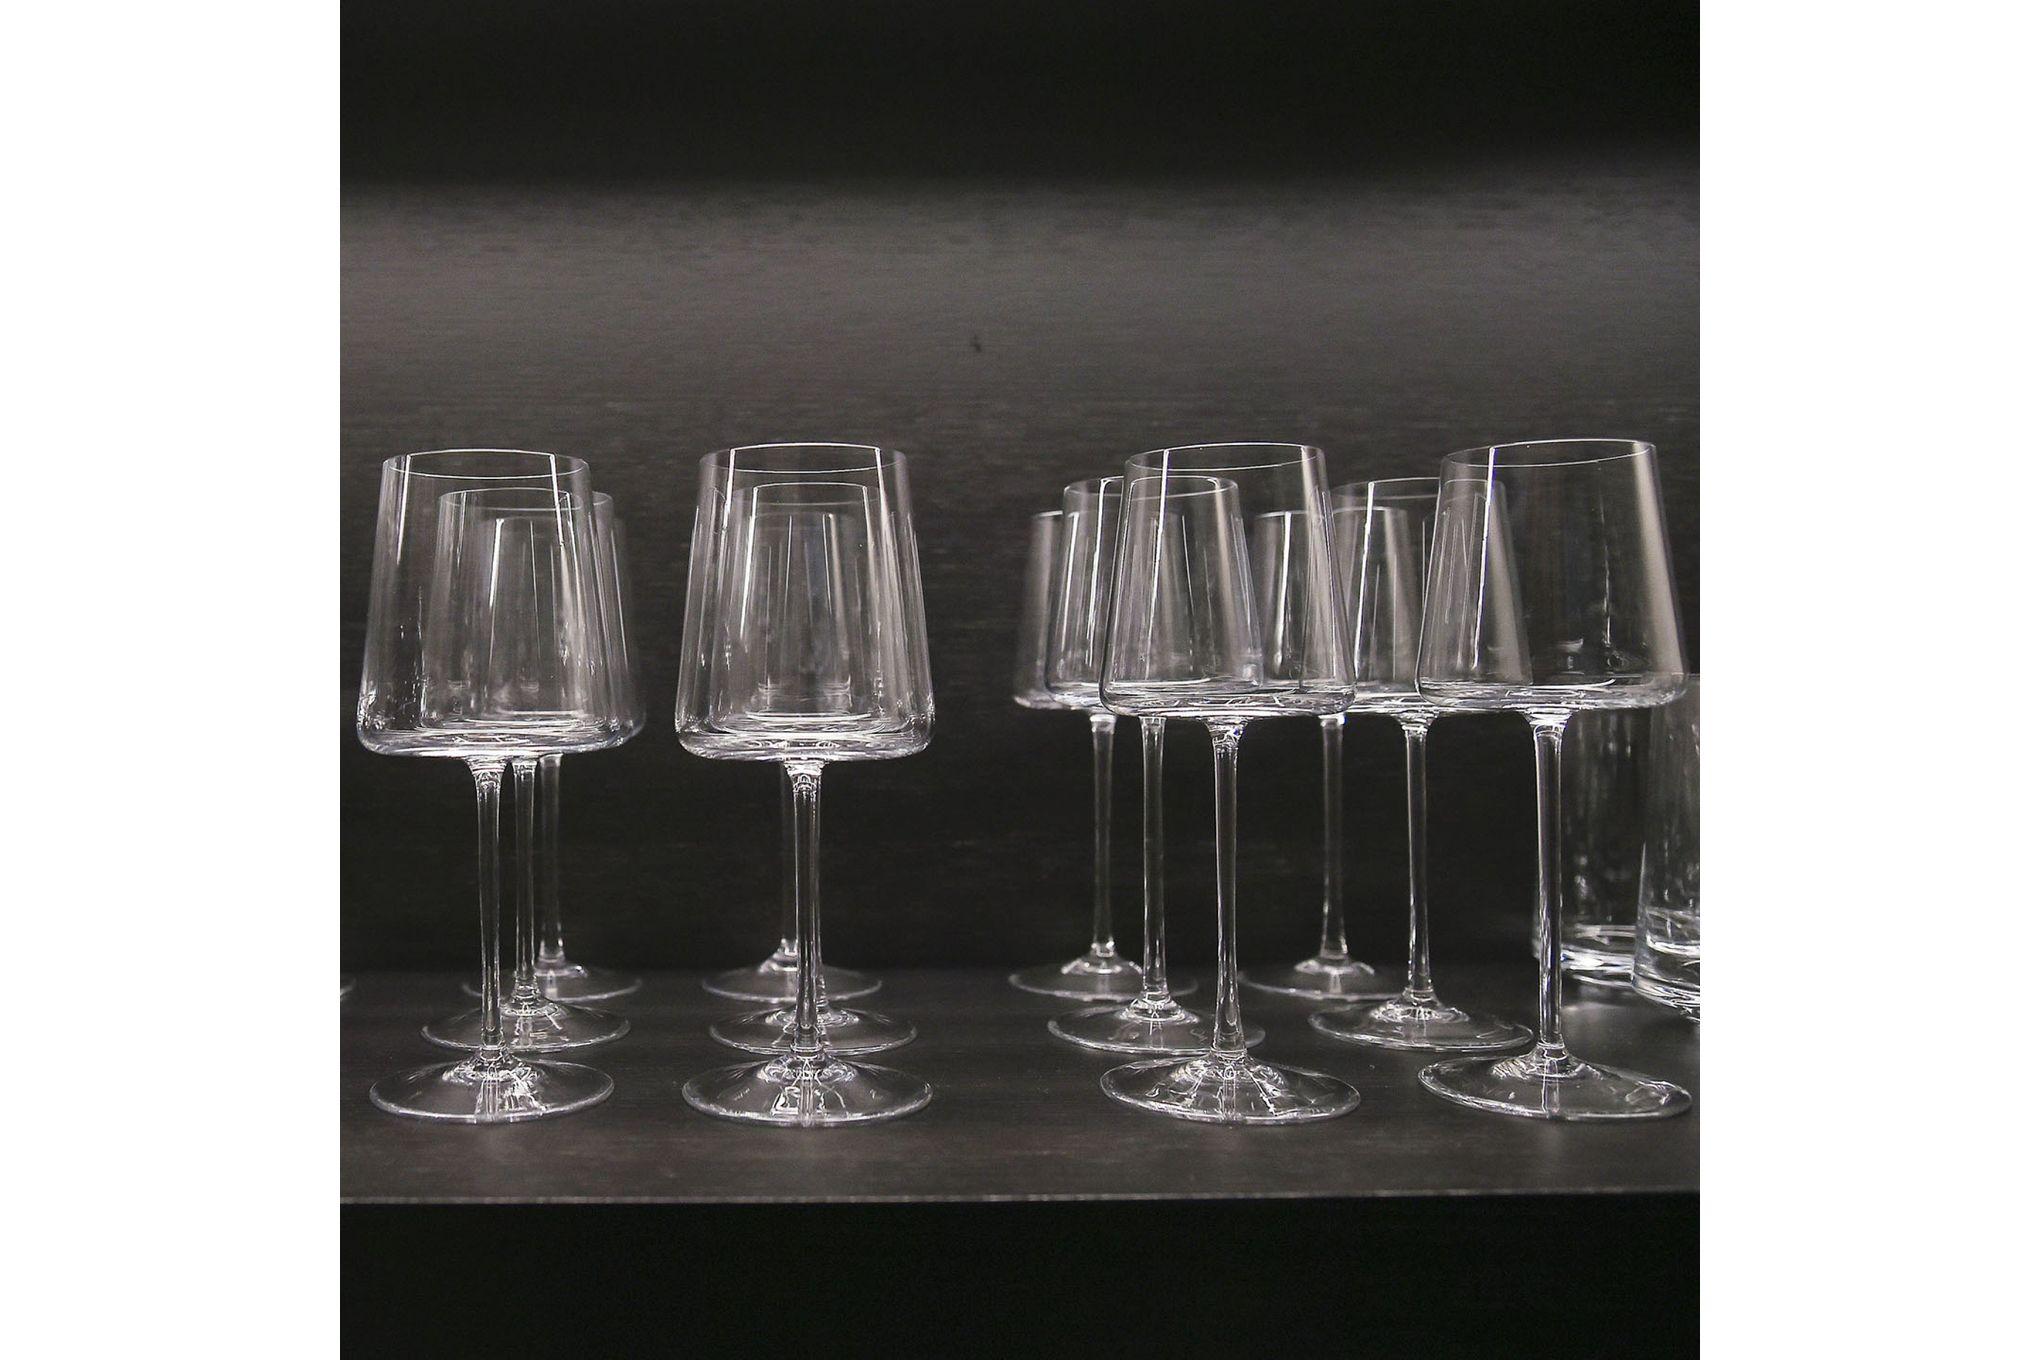 Vera Wang for Wedgwood Metropolitan Wine Glasses - Set of 2 thumb 2